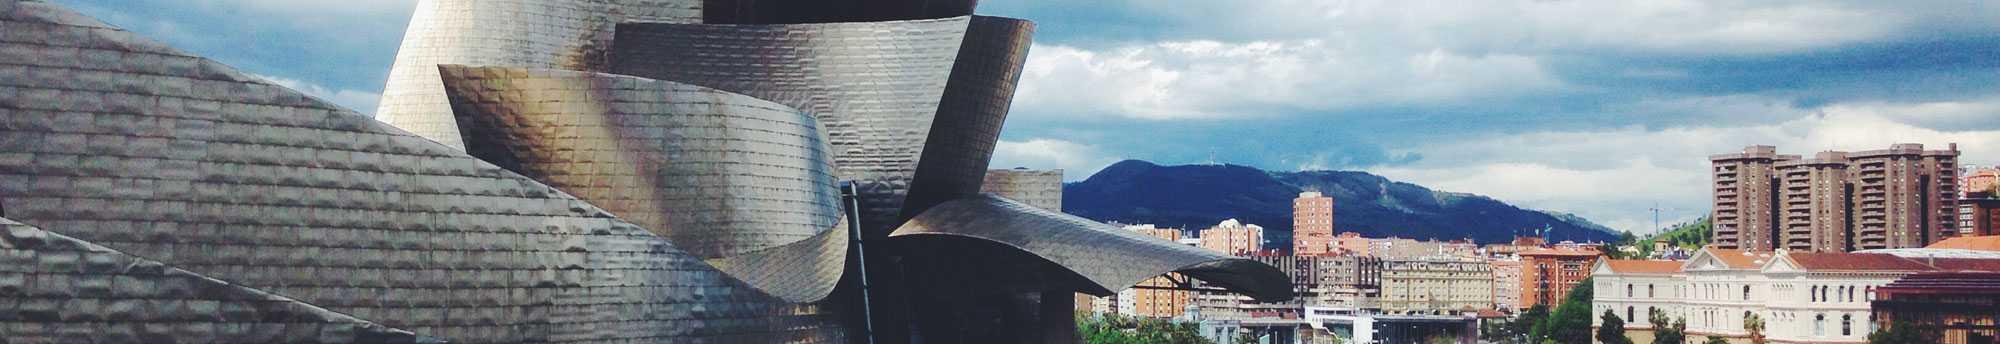 Museu Guggenheim Bilbau